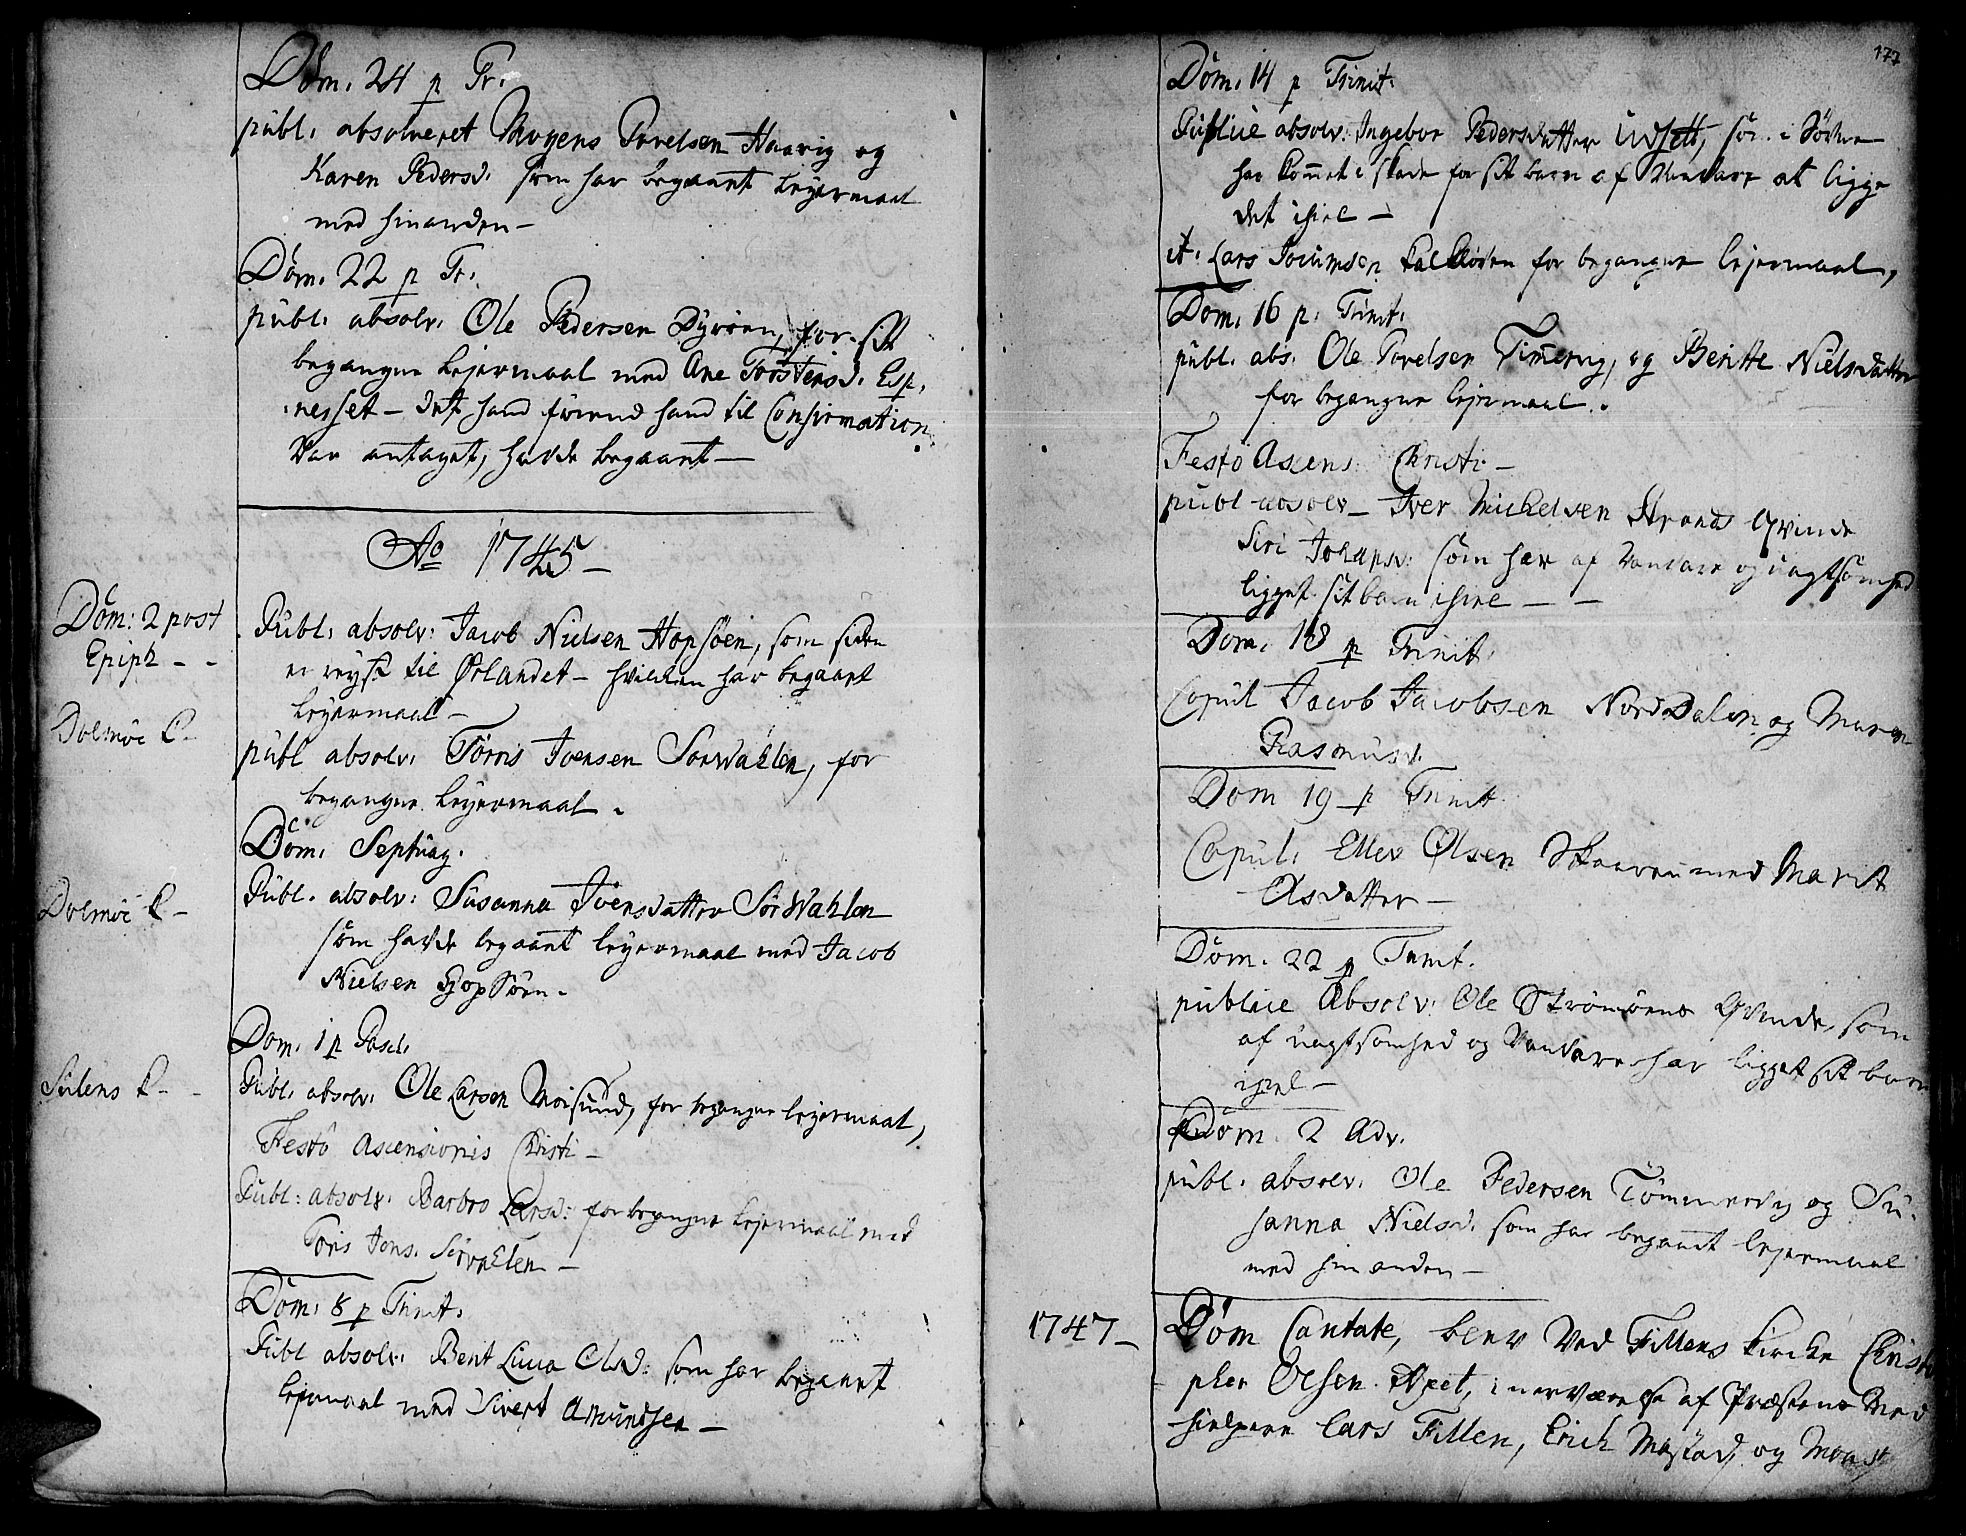 SAT, Ministerialprotokoller, klokkerbøker og fødselsregistre - Sør-Trøndelag, 634/L0525: Ministerialbok nr. 634A01, 1736-1775, s. 177